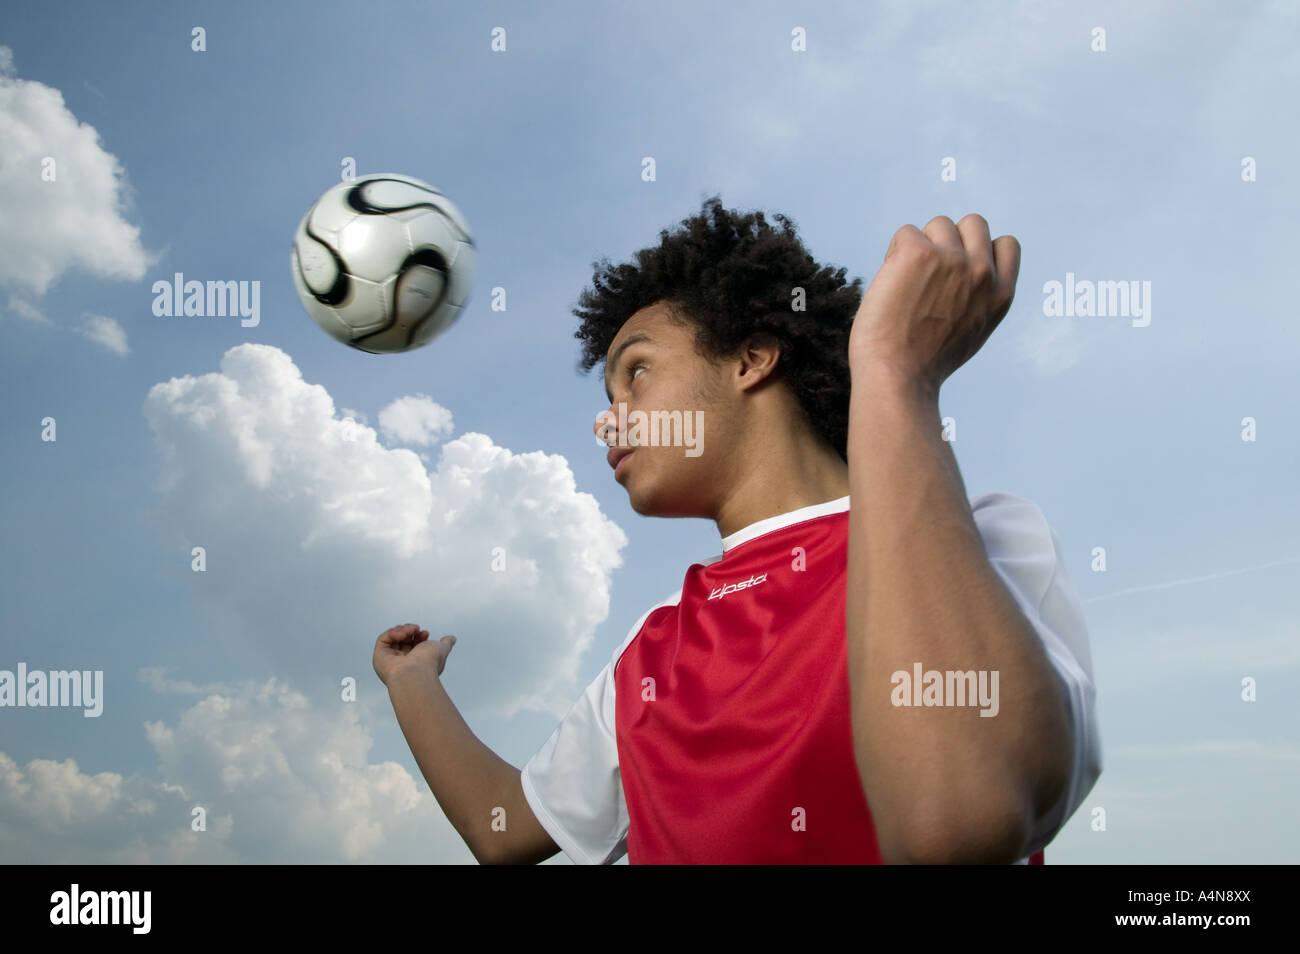 Soccer header - Stock Image